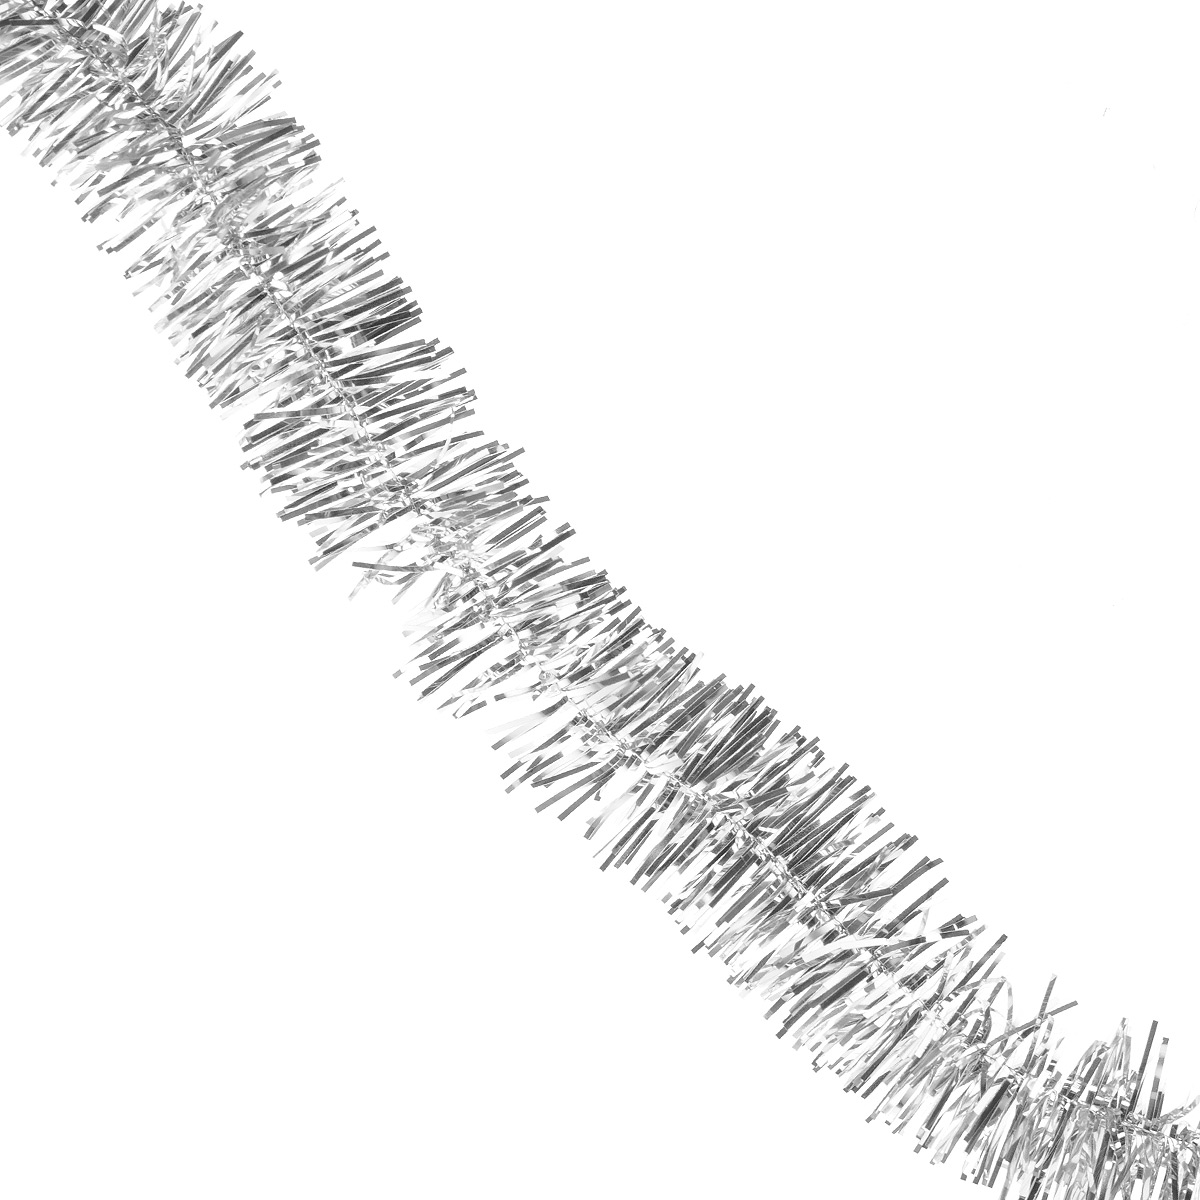 Мишура новогодняя Sima-land, цвет: серебристый, диаметр 3 см, длина 132 см. 701304702536Мишура новогодняя Sima-land, выполненная из фольги, поможет вам украсить свой дом к предстоящим праздникам. Мишура армирована, то есть имеет проволоку внутри и способна сохранять приданную ей форму. Новогодняя елка с таким украшением станет еще наряднее. Новогодней мишурой можно украсить все, что угодно - елку, квартиру, дачу, офис - как внутри, так и снаружи. Можно сложить новогодние поздравления, буквы и цифры, мишурой можно украсить и дополнить гирлянды, можно выделить дверные колонны, оплести дверные проемы. Коллекция декоративных украшений из серии Зимнее волшебство принесет в ваш дом ни с чем несравнимое ощущение праздника! Создайте в своем доме атмосферу тепла, веселья и радости, украшая его всей семьей.